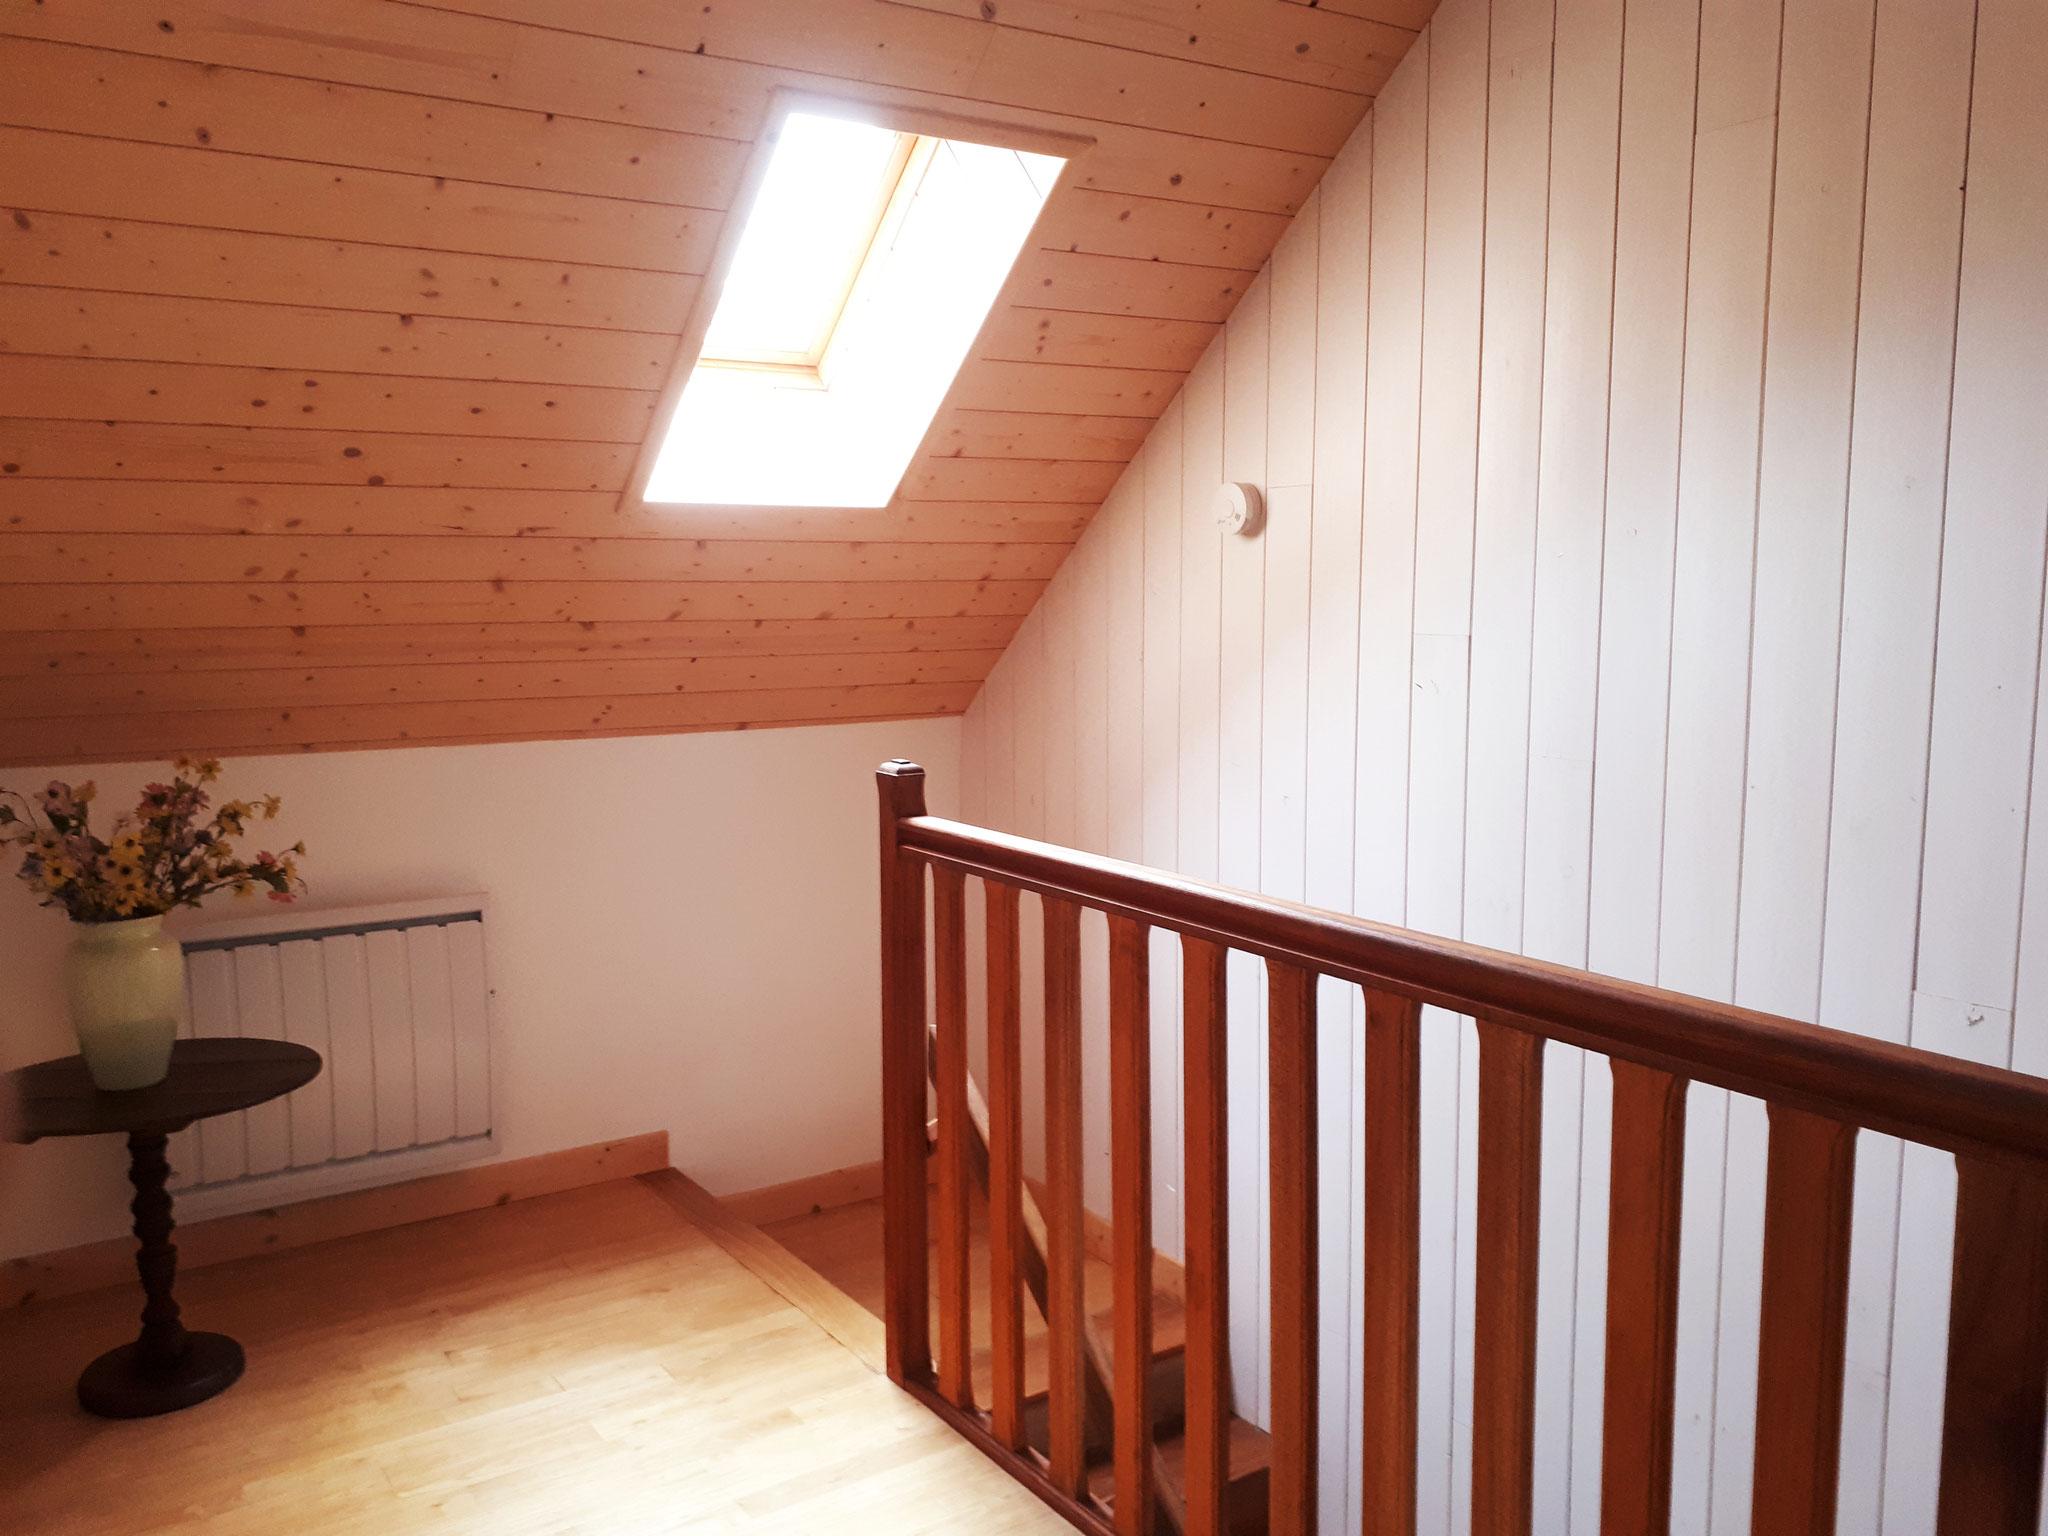 Escalier d'accès aux chambres.